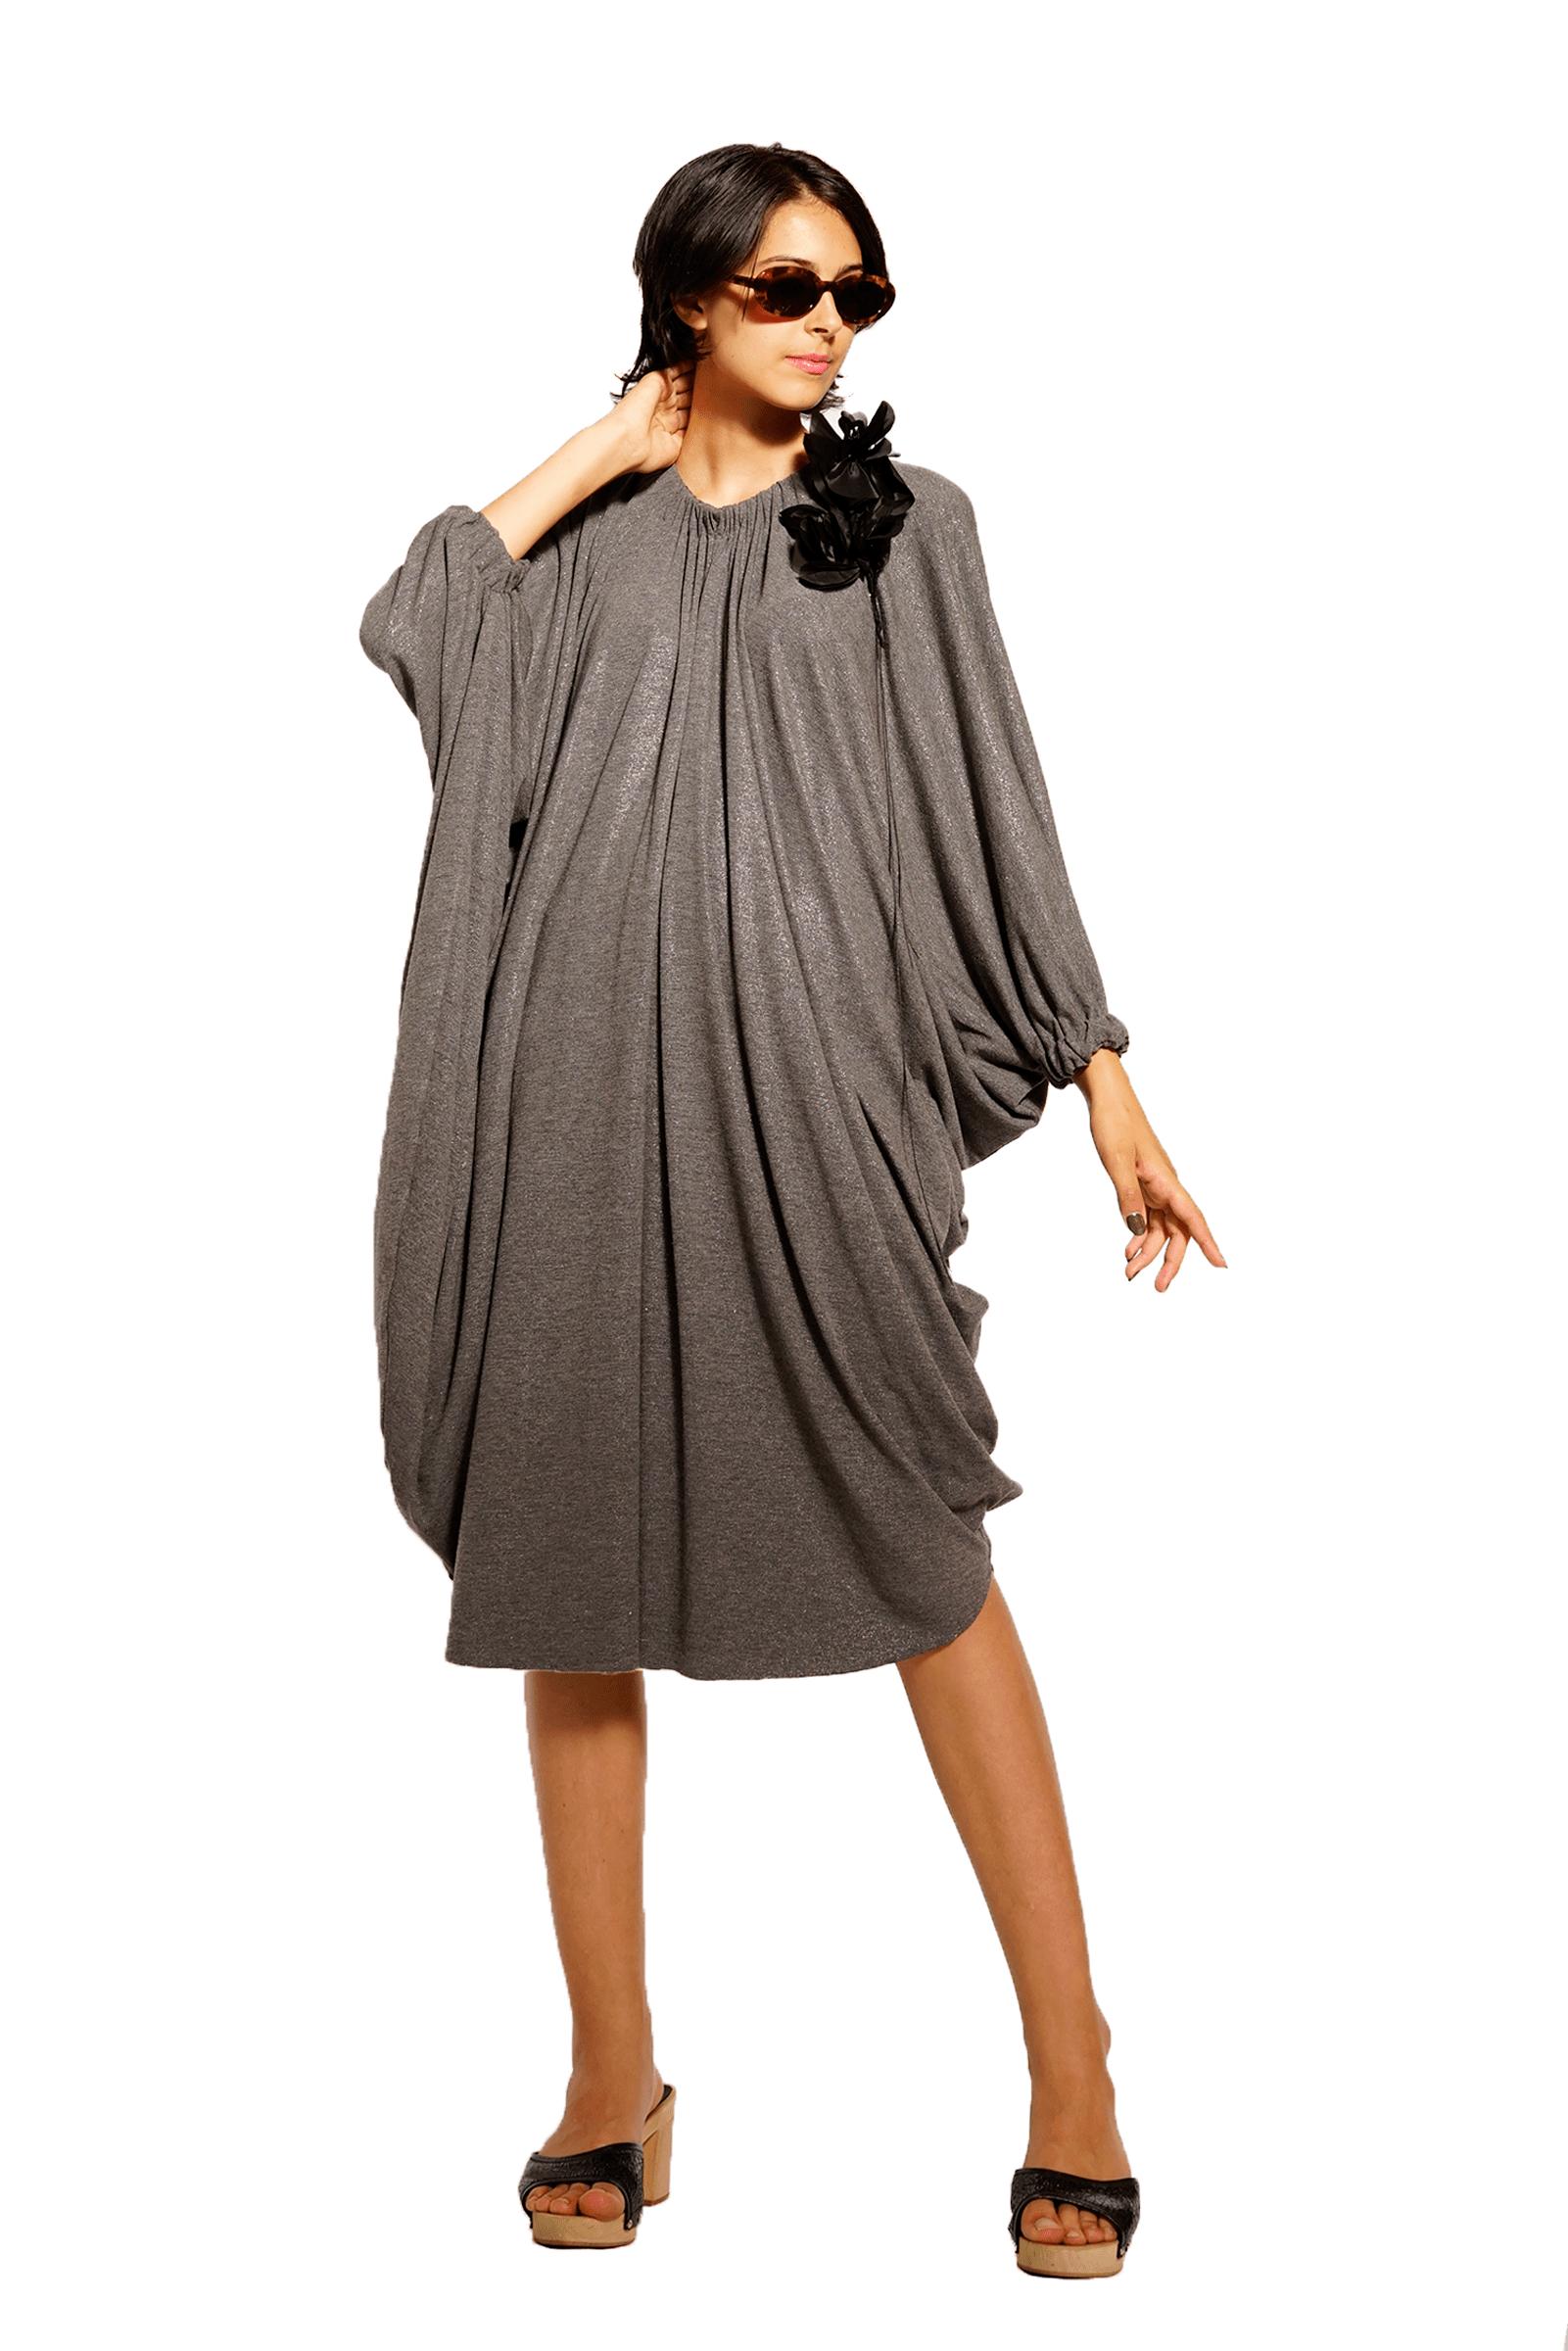 Wide jersey dress